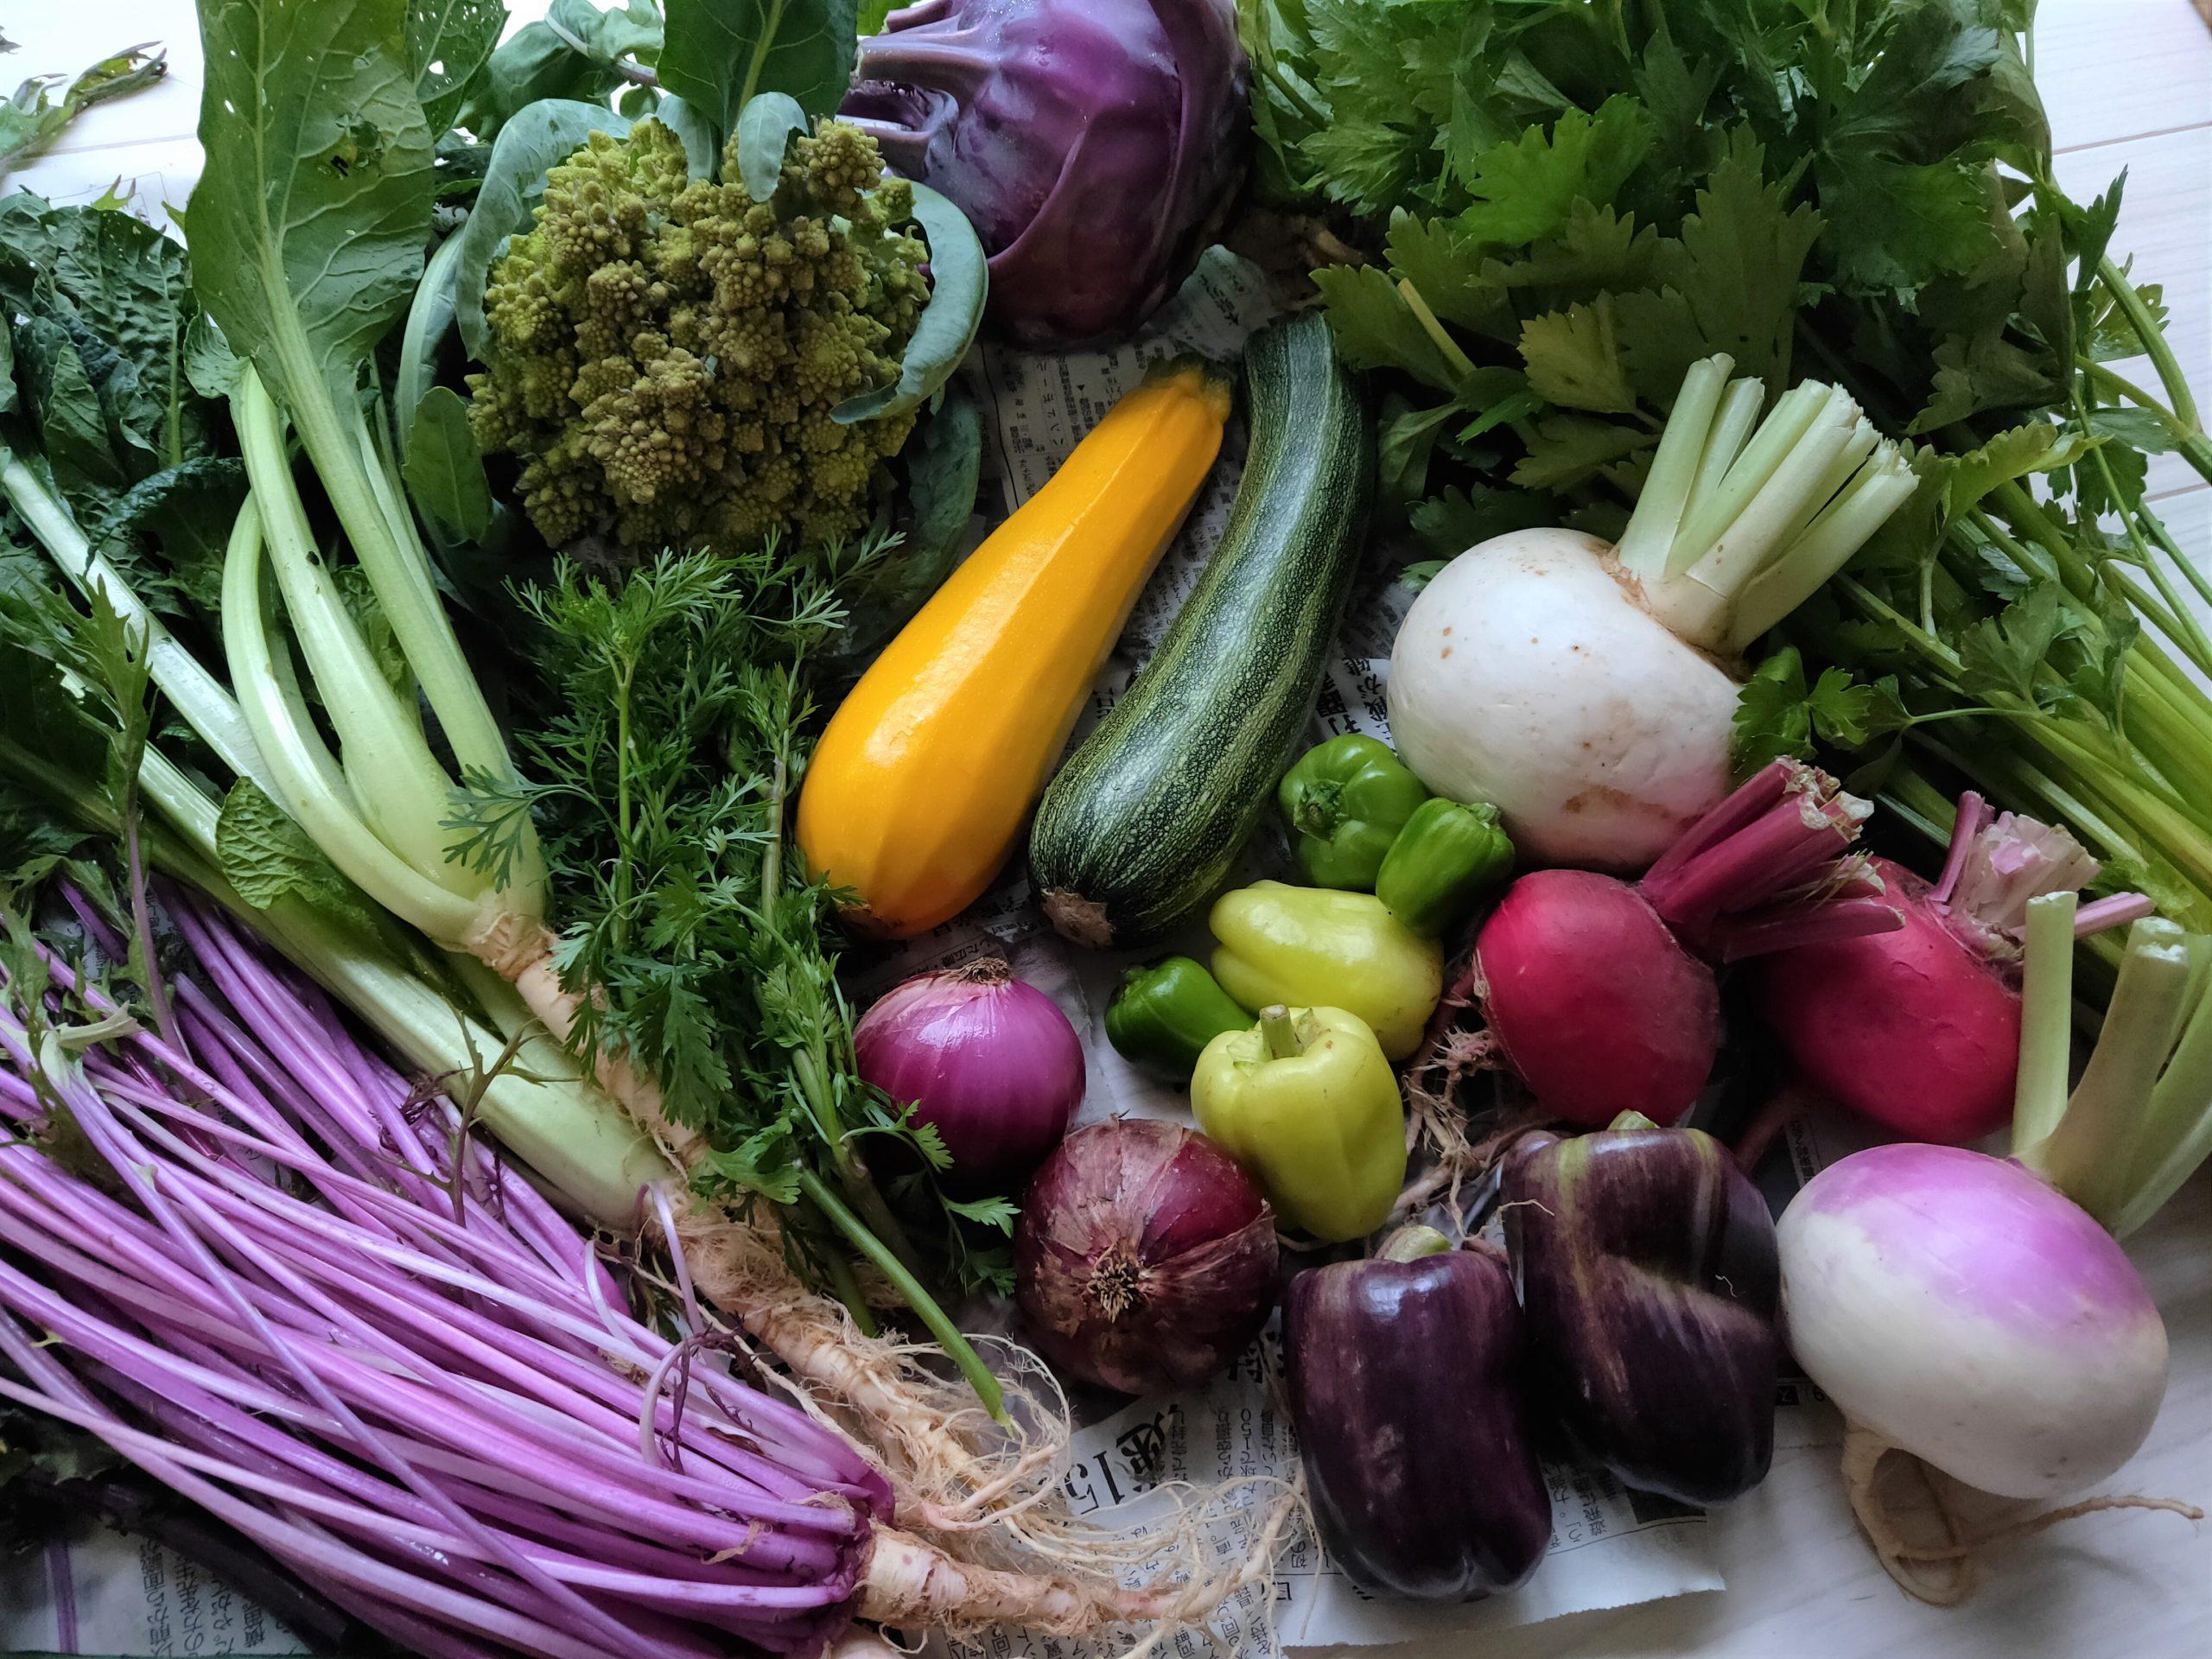 おまかせ野菜セットを選ぶ際の手引き